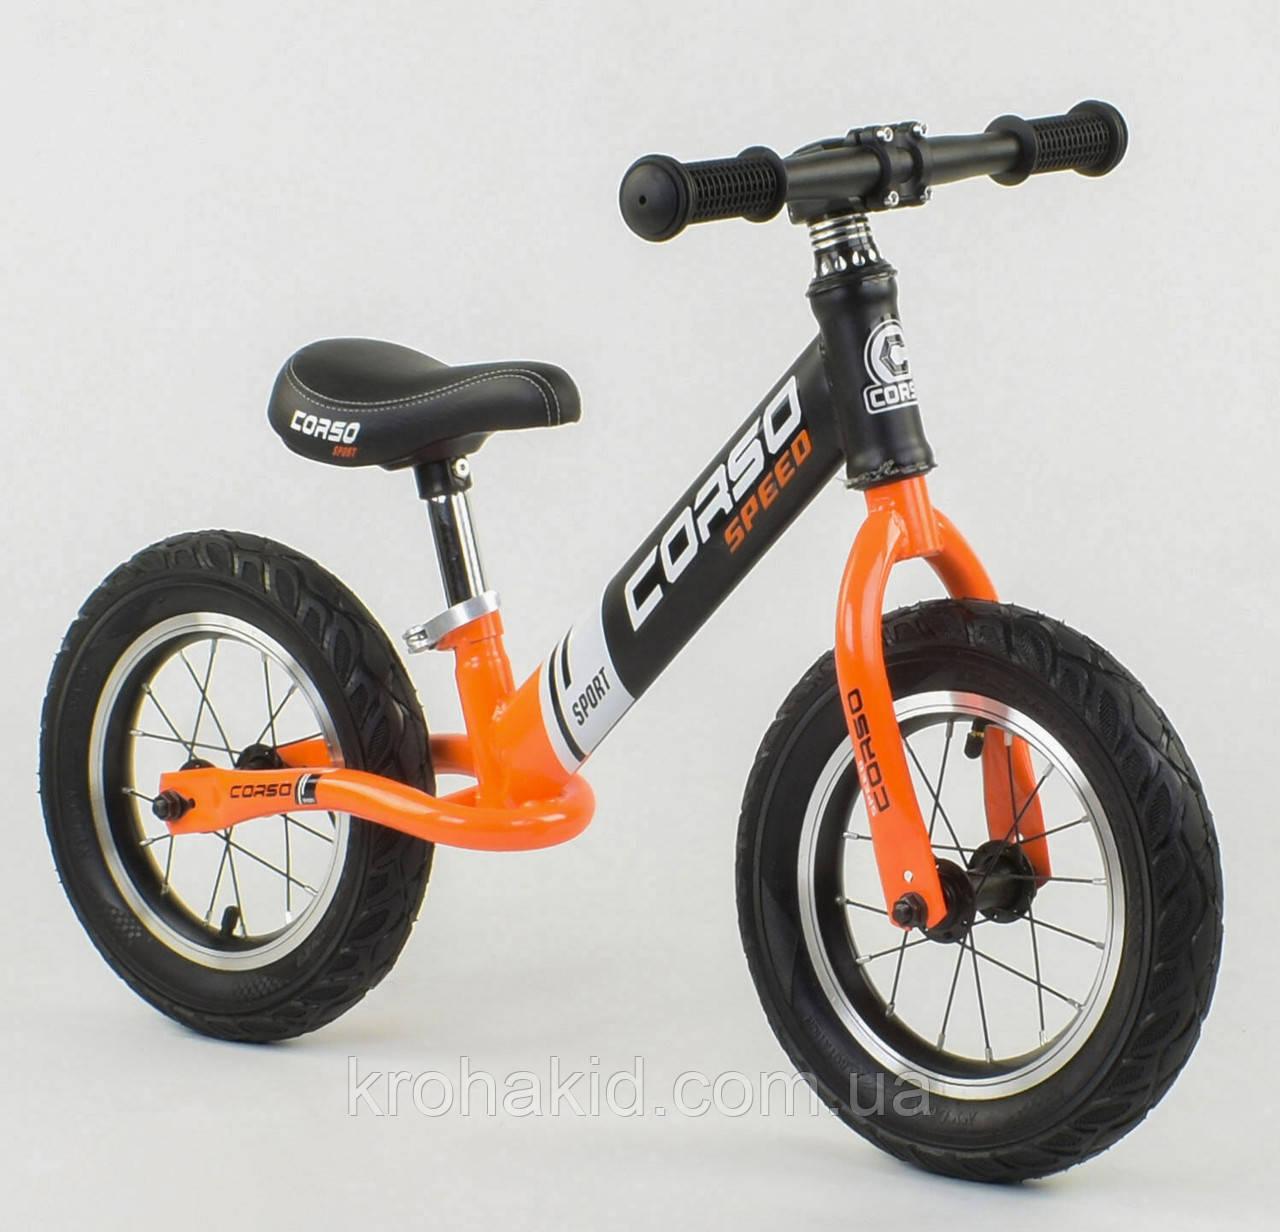 """Детский велобег """"CORSO"""" 24846, стальная рама, надувные колёса, размер колес - 12 (оранжевый)"""